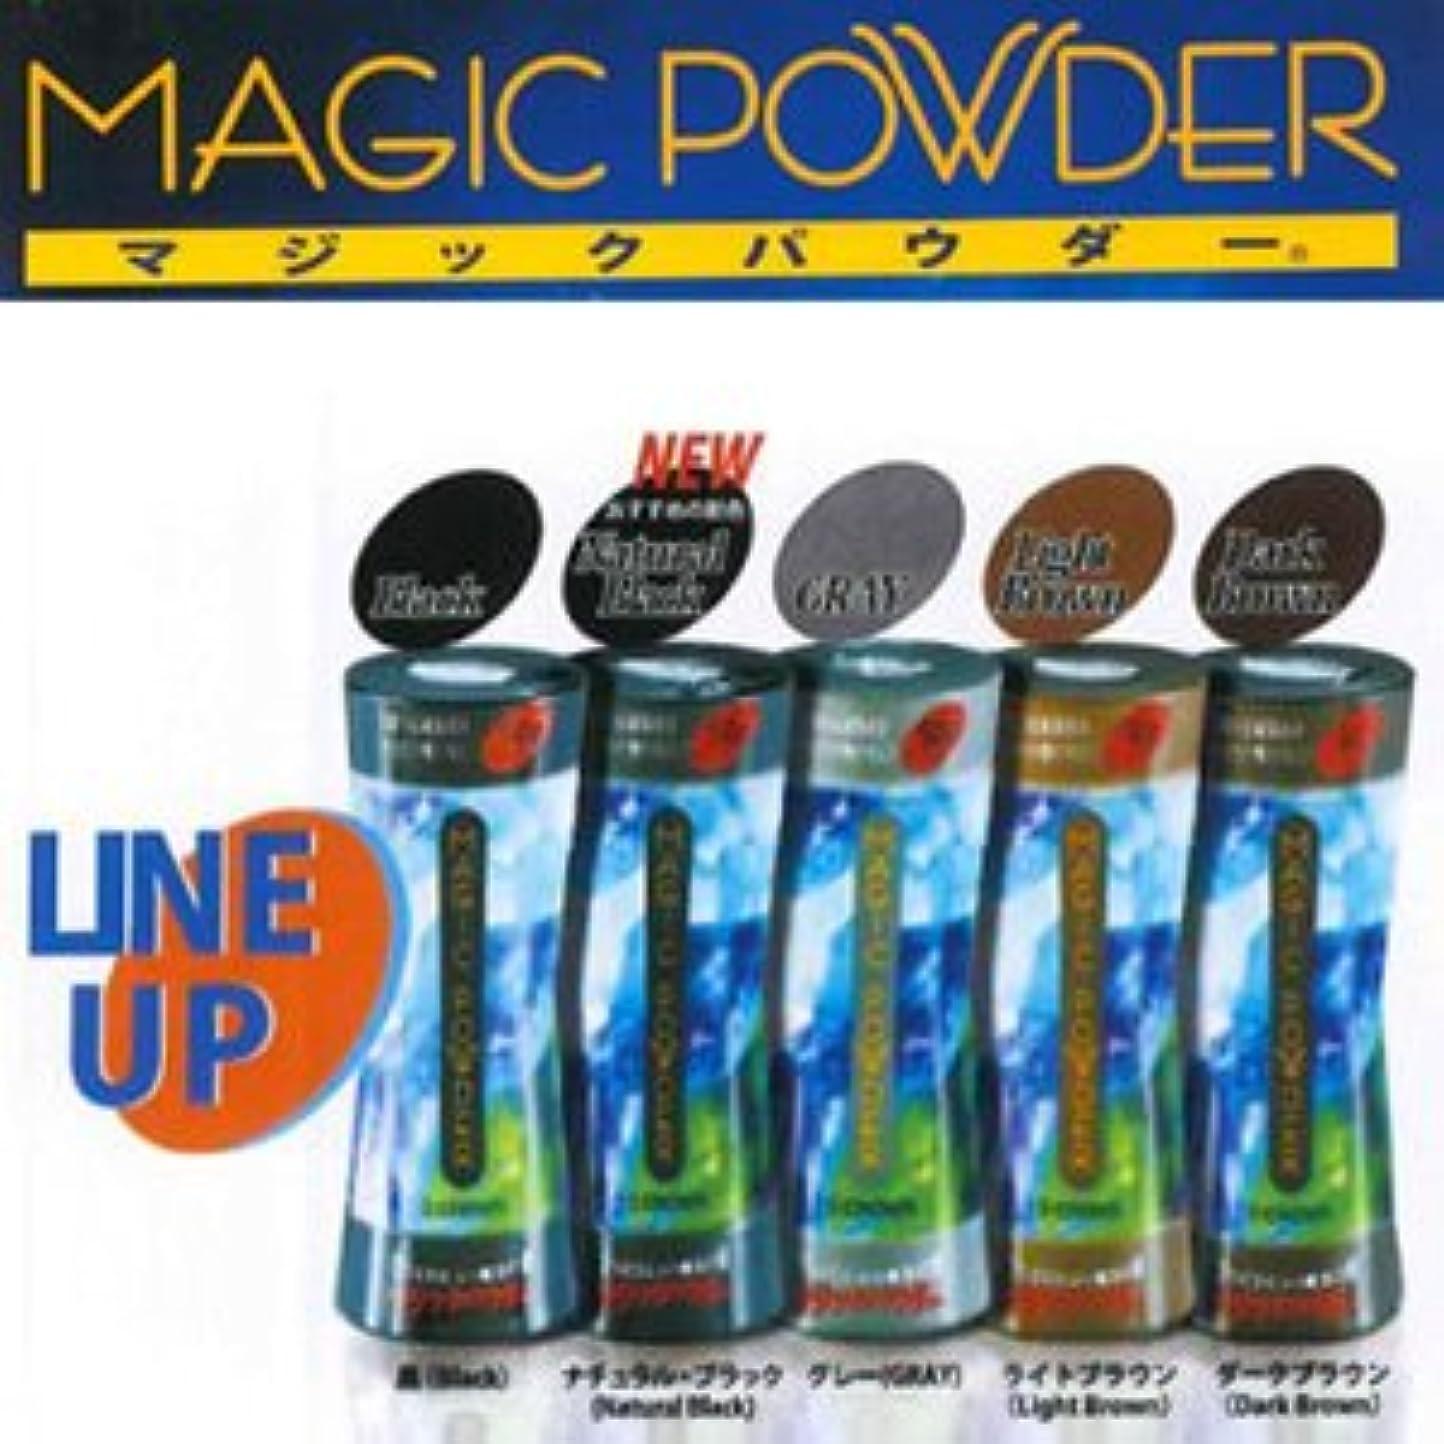 グラフィックおじさん姓MAGIC POWDER マジックパウダー ダークブラウン 50g  2個セット ※貴方の髪を簡単ボリュームアップ!